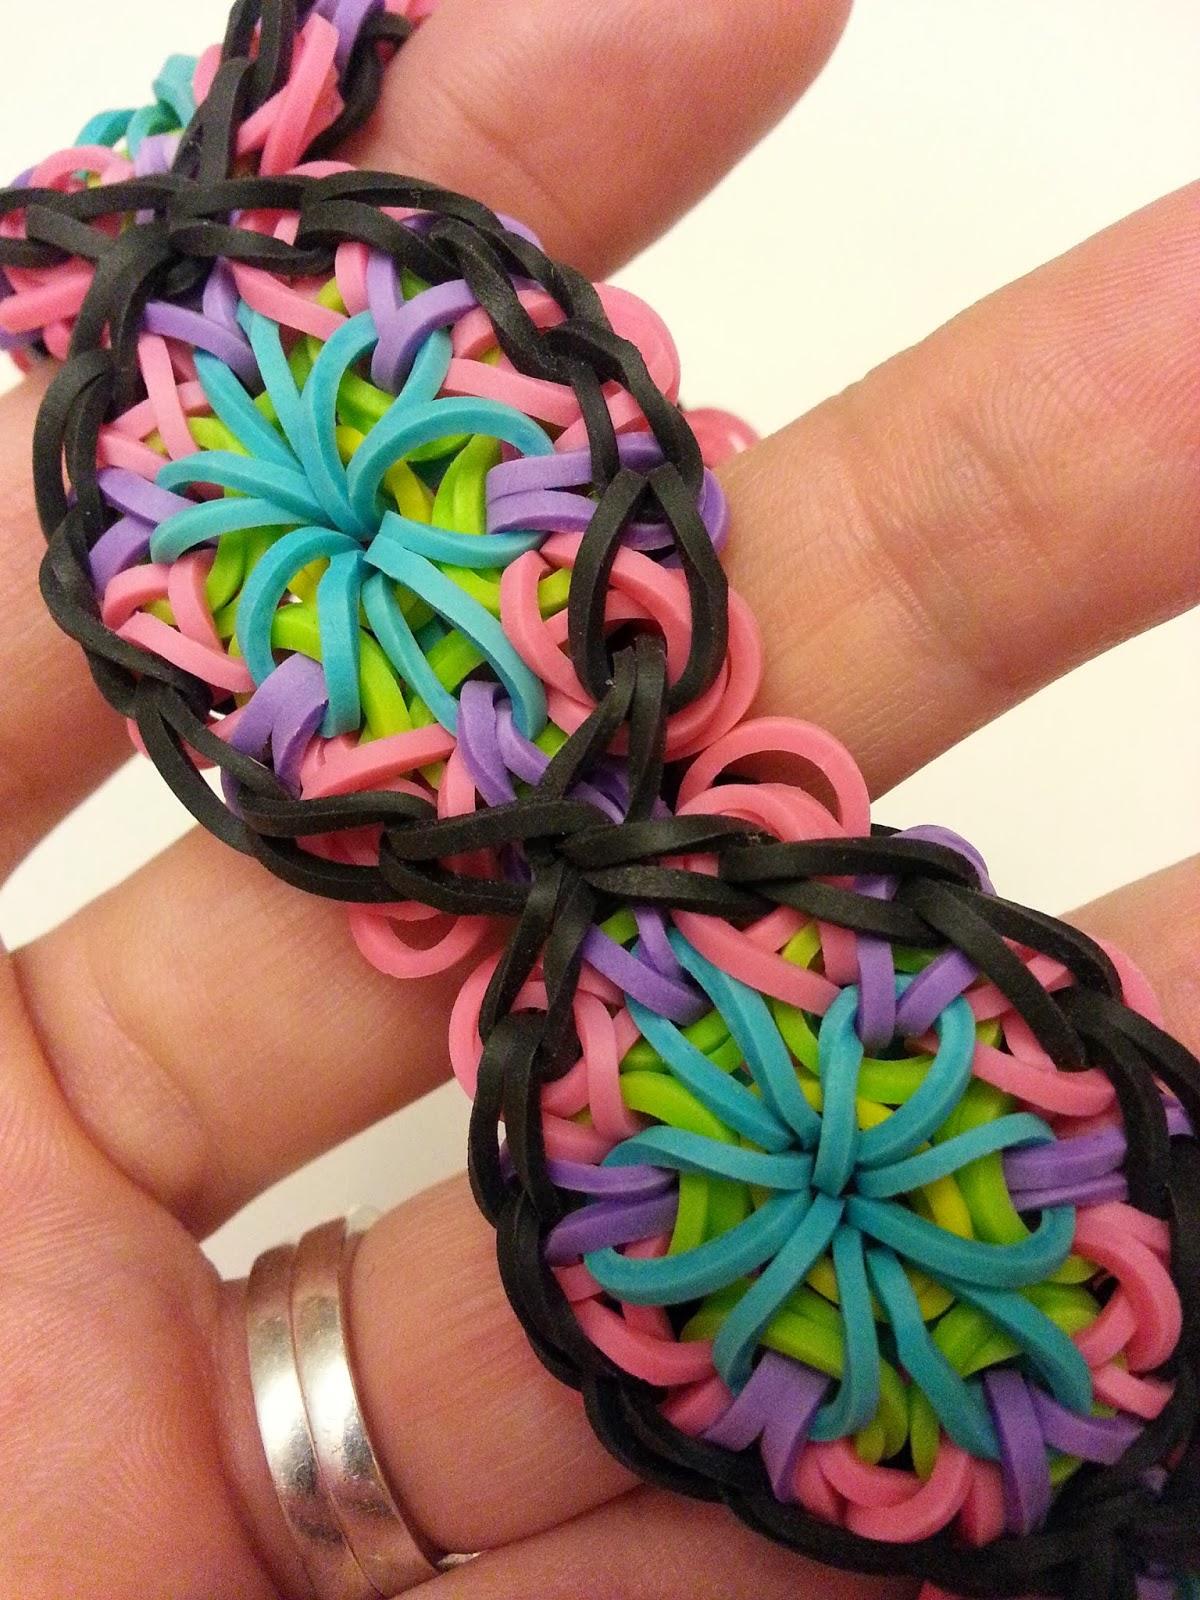 Rainbow Loom Patterns: Kaleidoscope Rainbow Loom Pattern